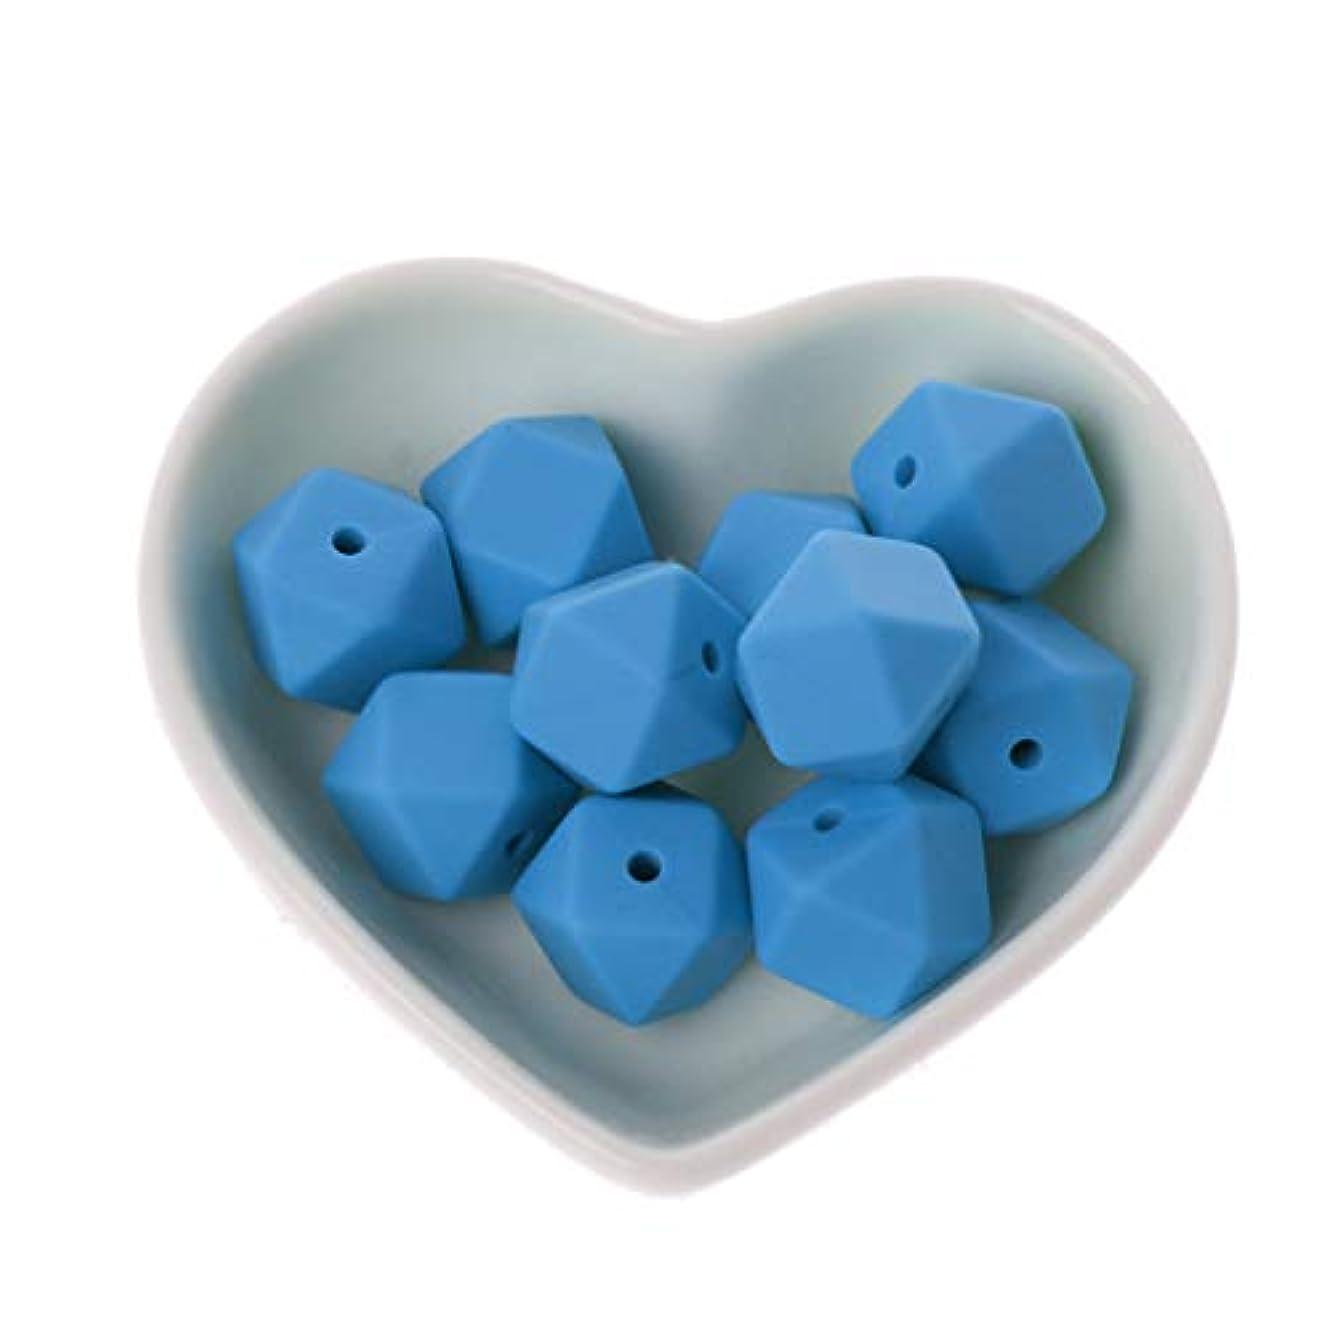 トムオードリース句読点マーカーLanddum 10個シリコーンビーズ14ミリメートル多角形シリコーンビーズ赤ちゃんのおもちゃdiyおしゃぶりチェーンアクセサリー - ベイビーブルー